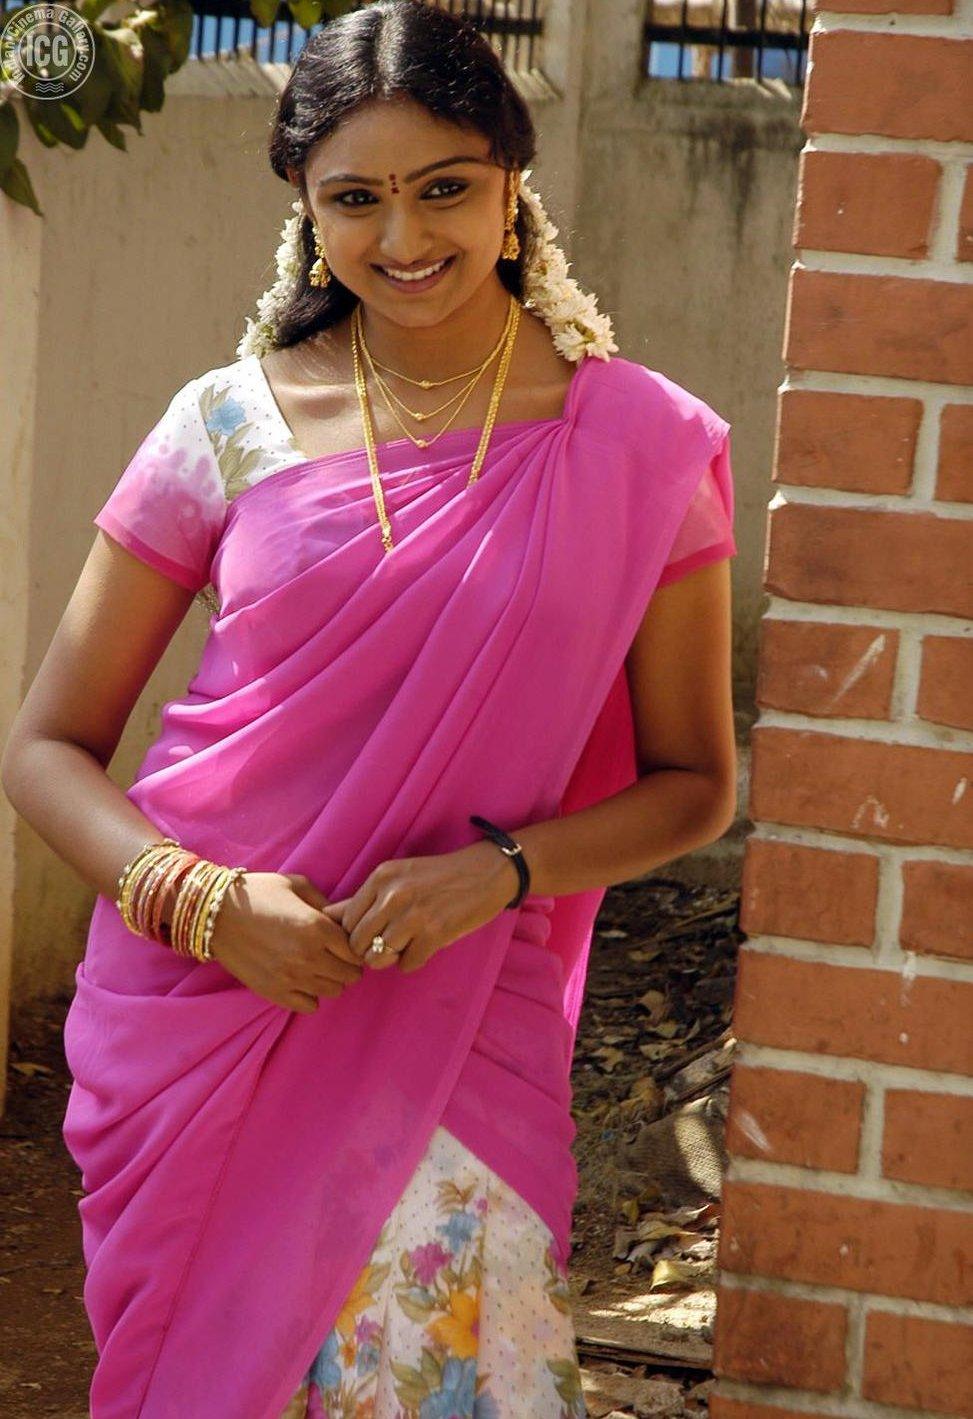 Индианки в миних юбках фото фото 642-489